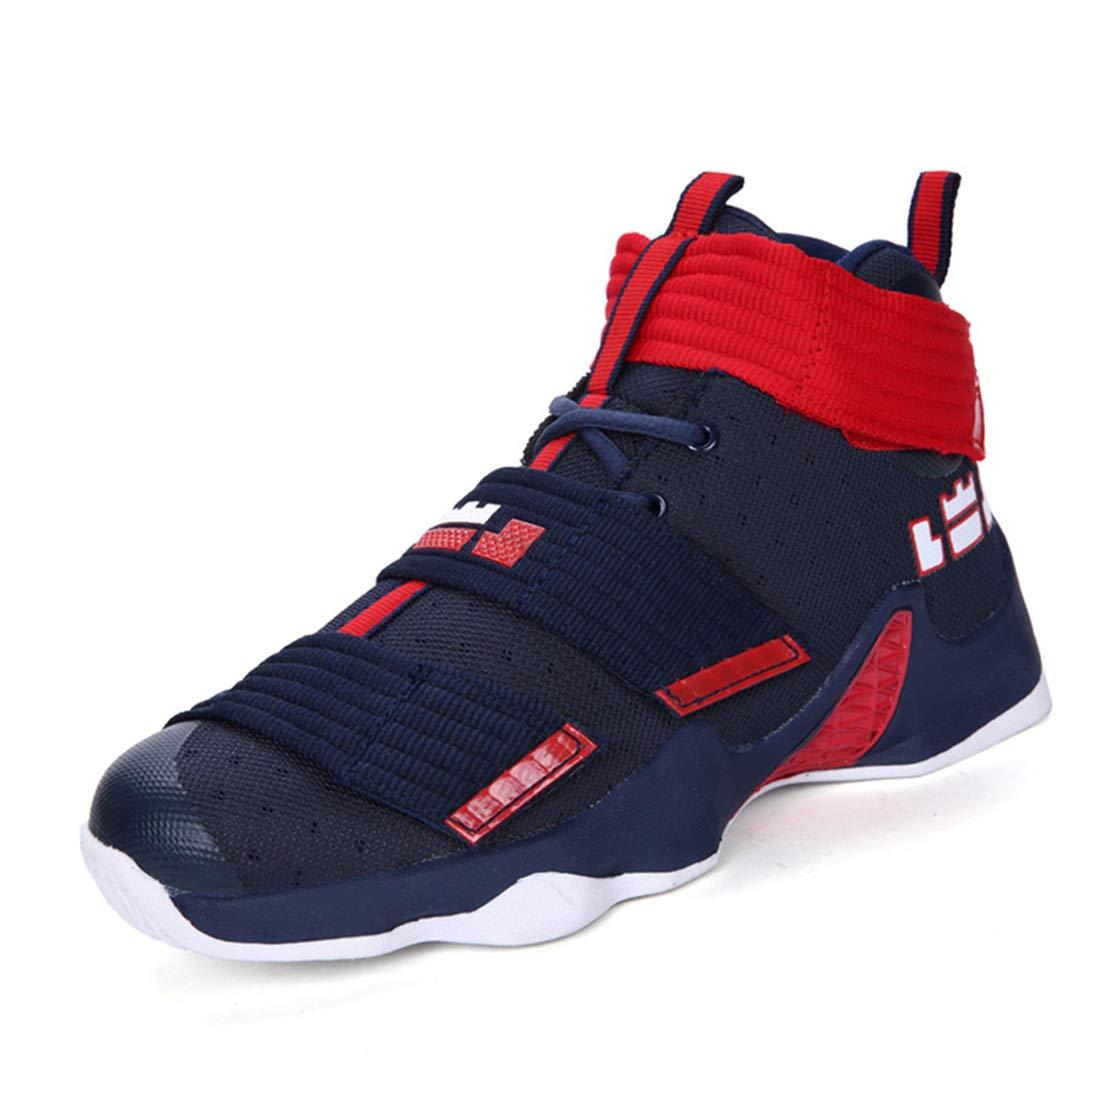 DANDANJIE Hommes Et Femmes Basket-Ball Chaussures Athlétiques Couple Chaussures De De Chaussures Sport Respirant 41EU C f9c8db